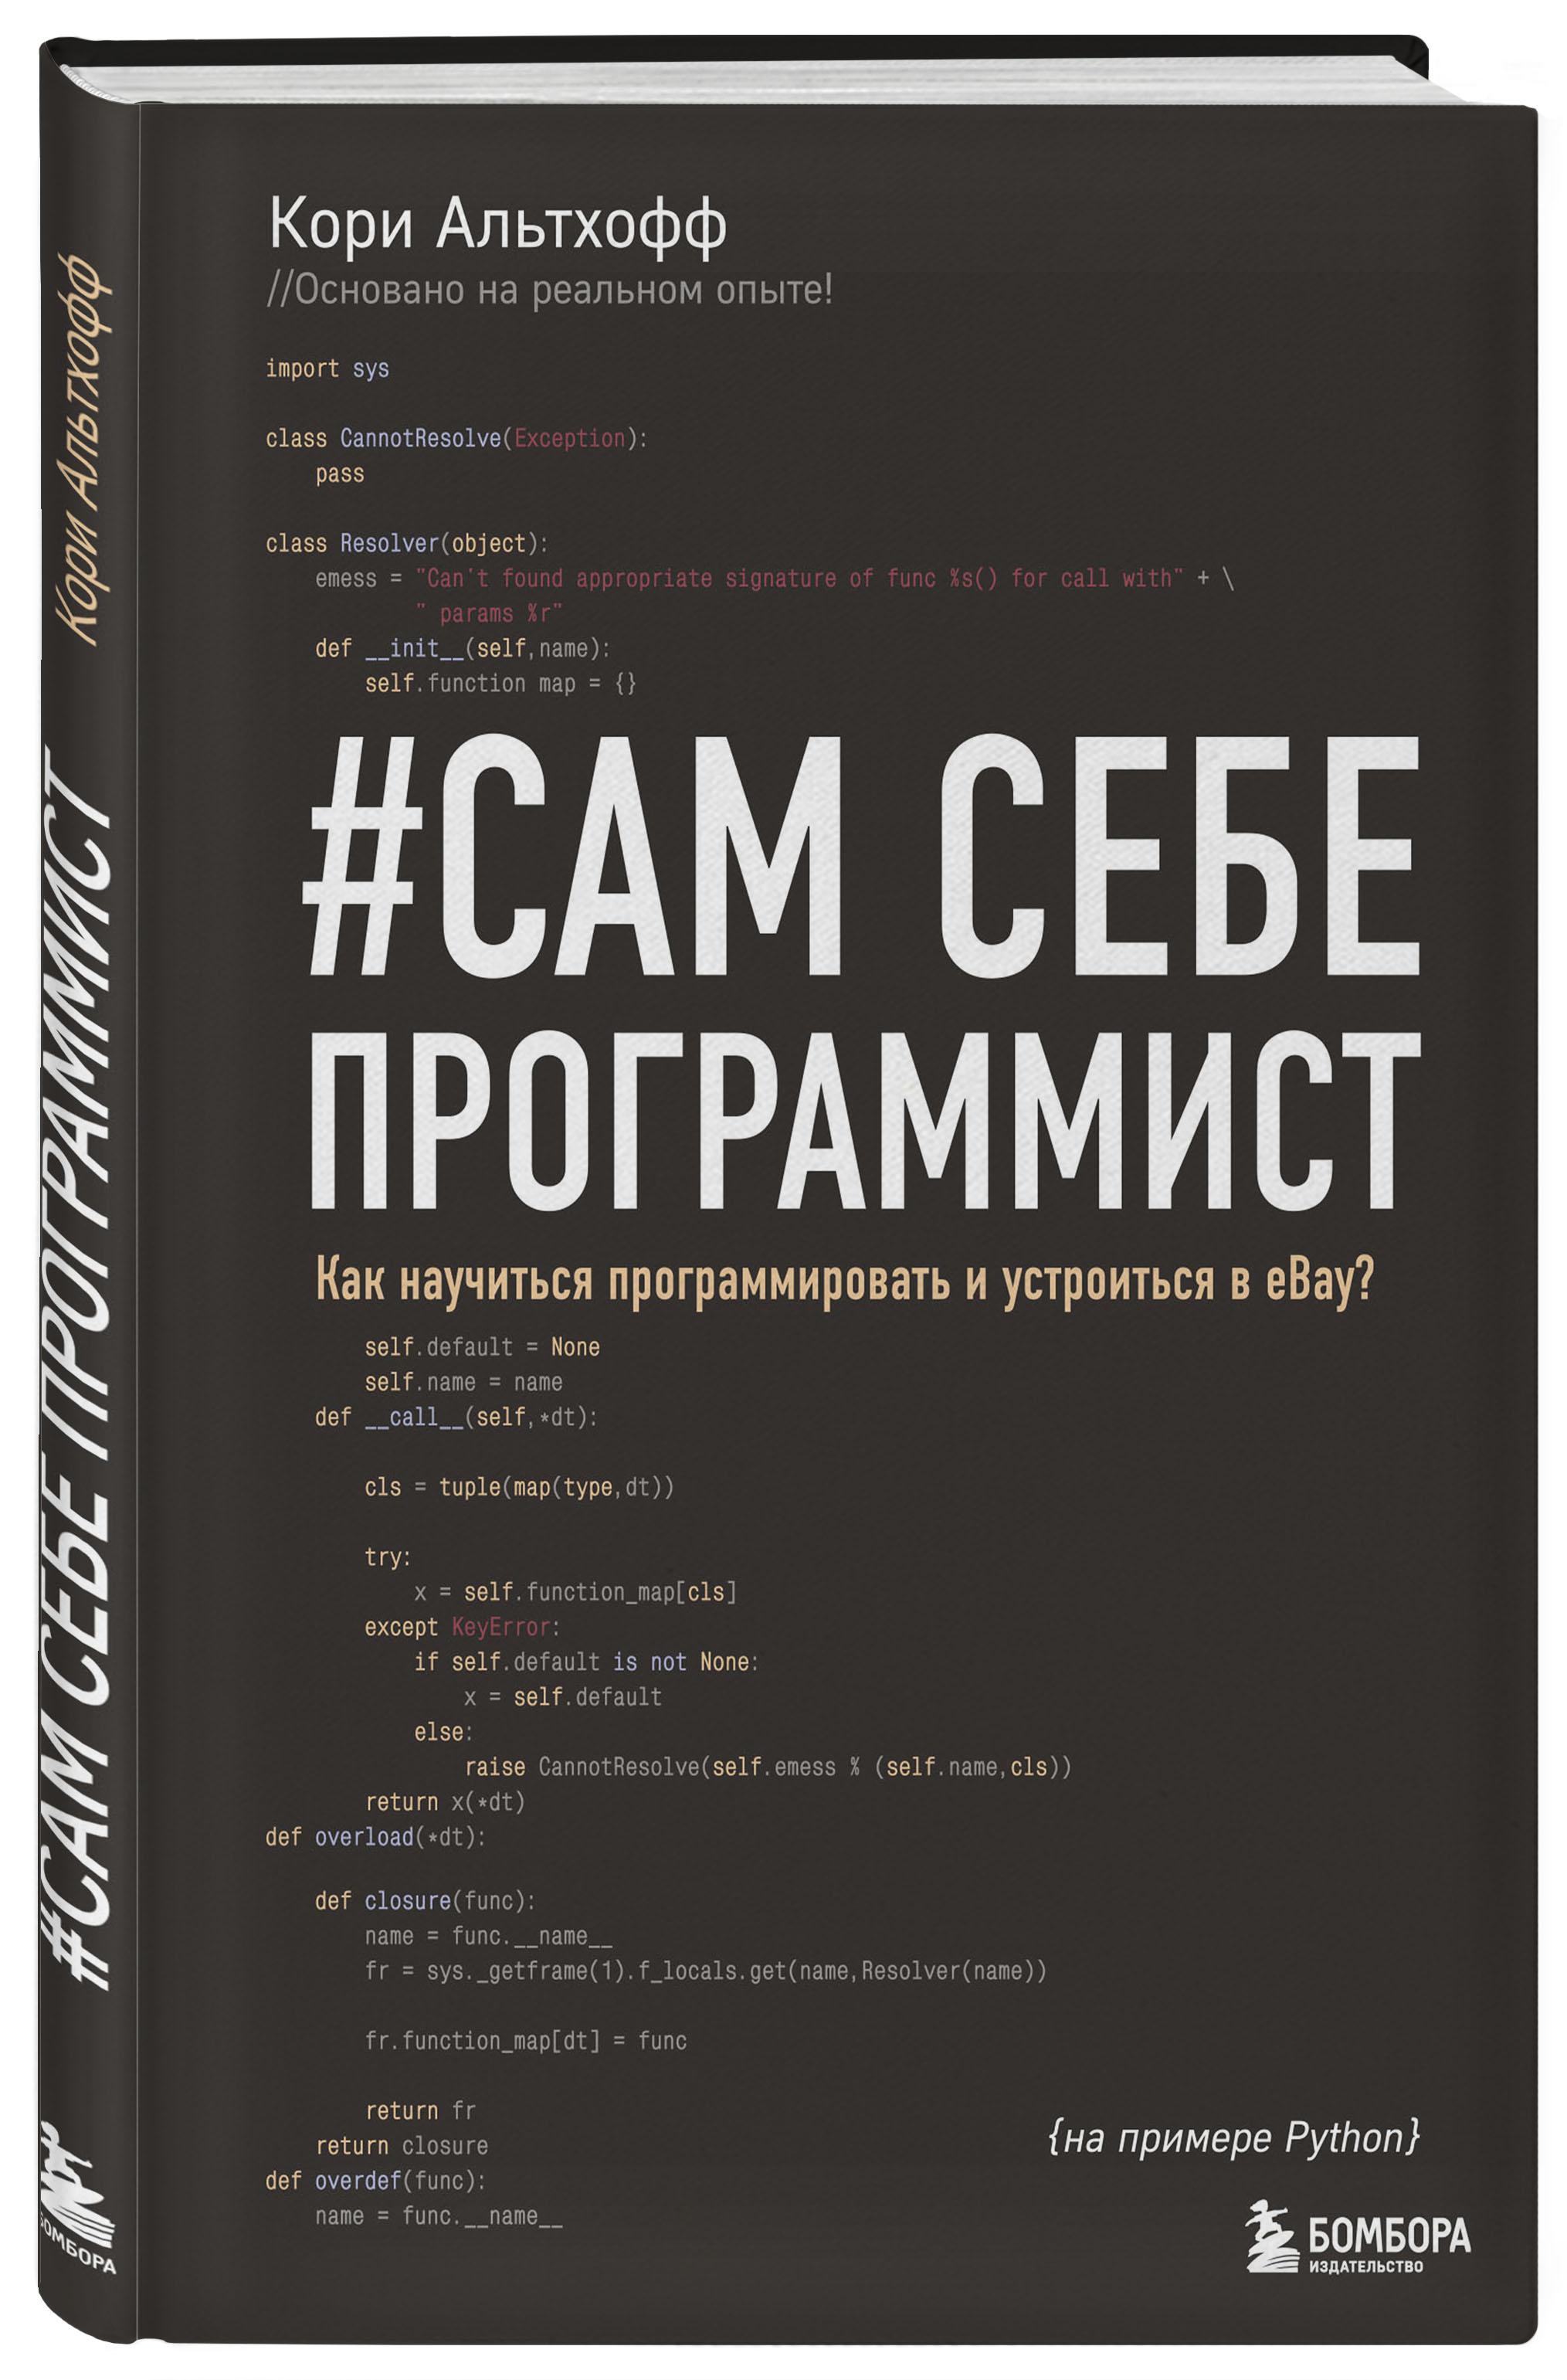 Альтхофф К. Сам себе программист. Как научиться программировать и устроиться в Ebay?